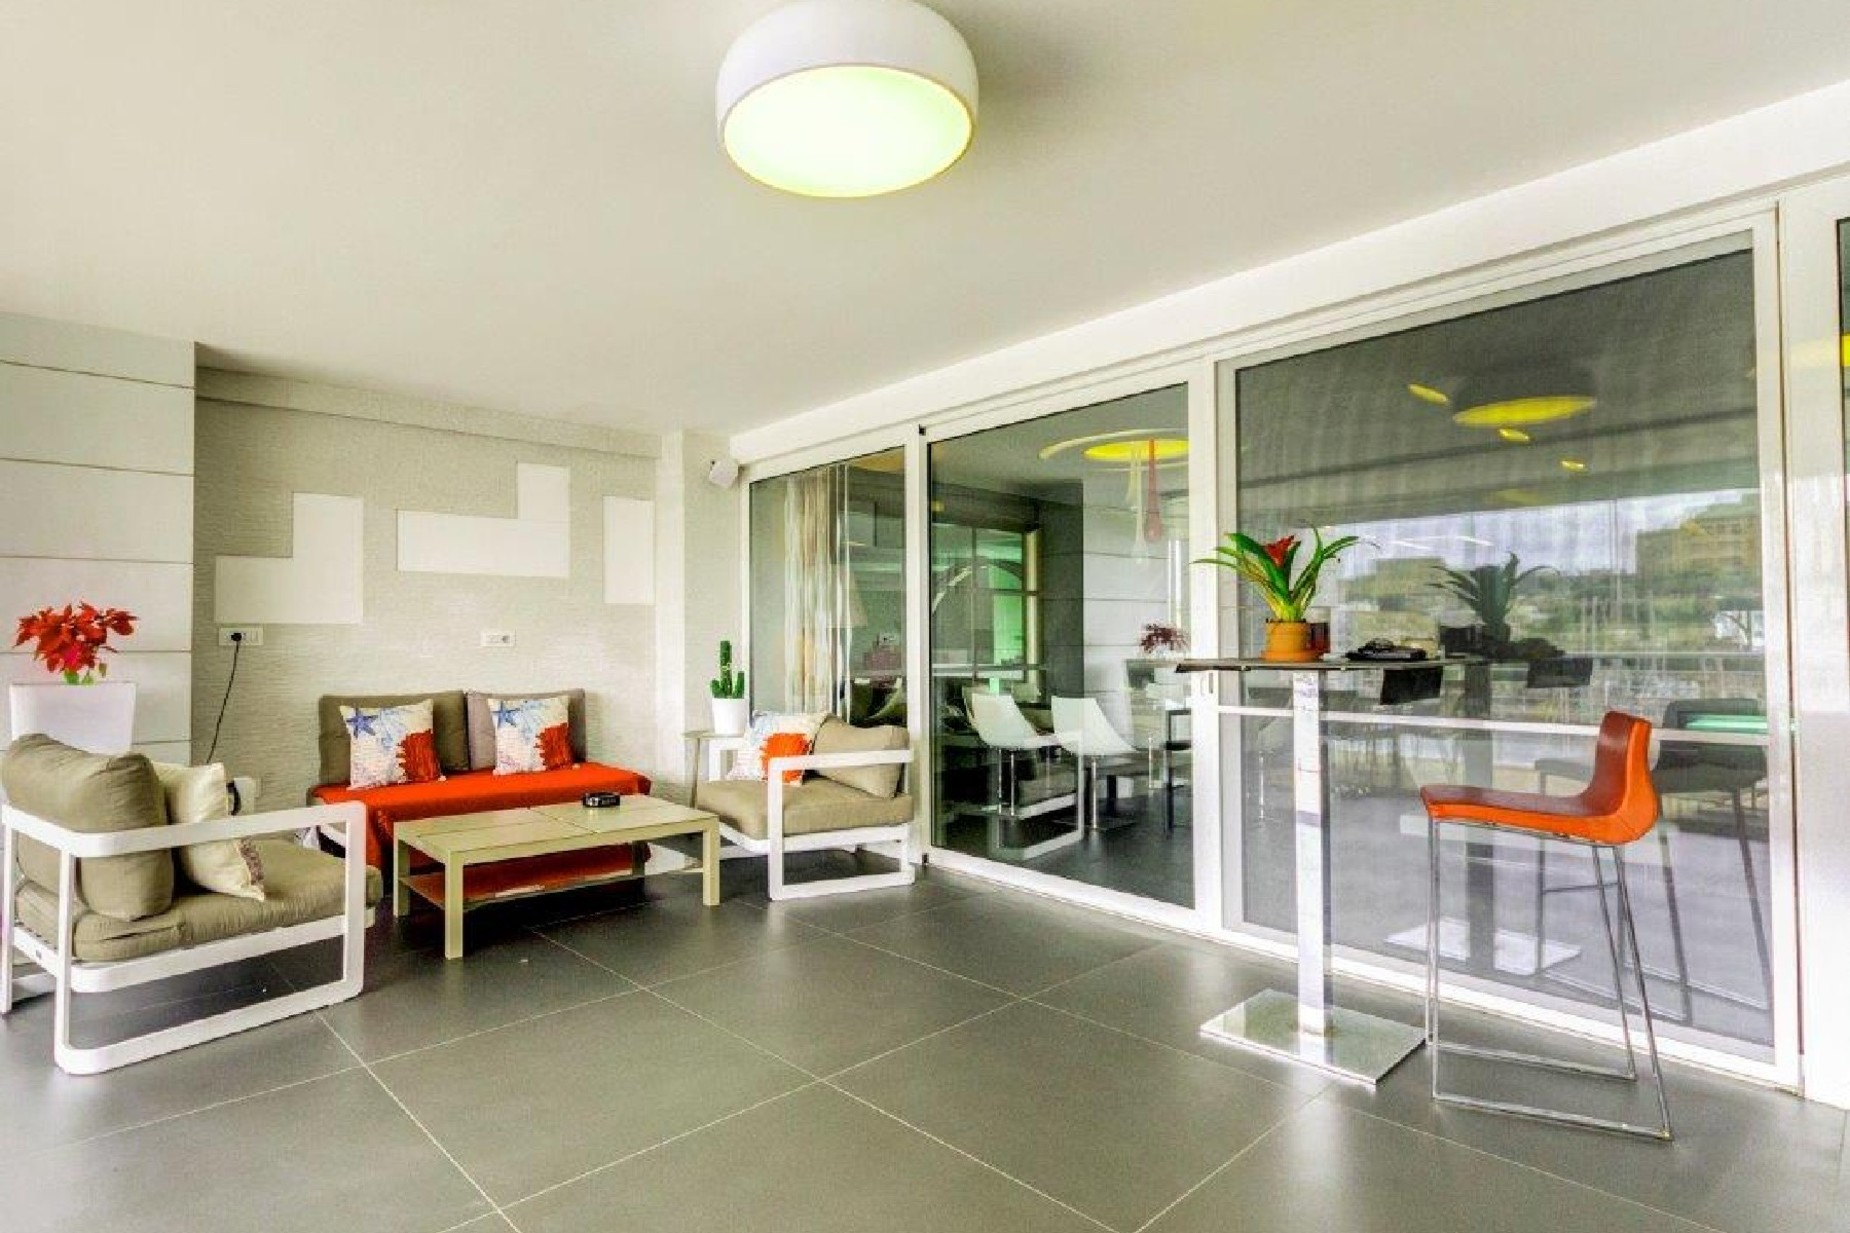 3 bed Apartment For Sale in Ta' Xbiex, Ta' Xbiex - thumb 9